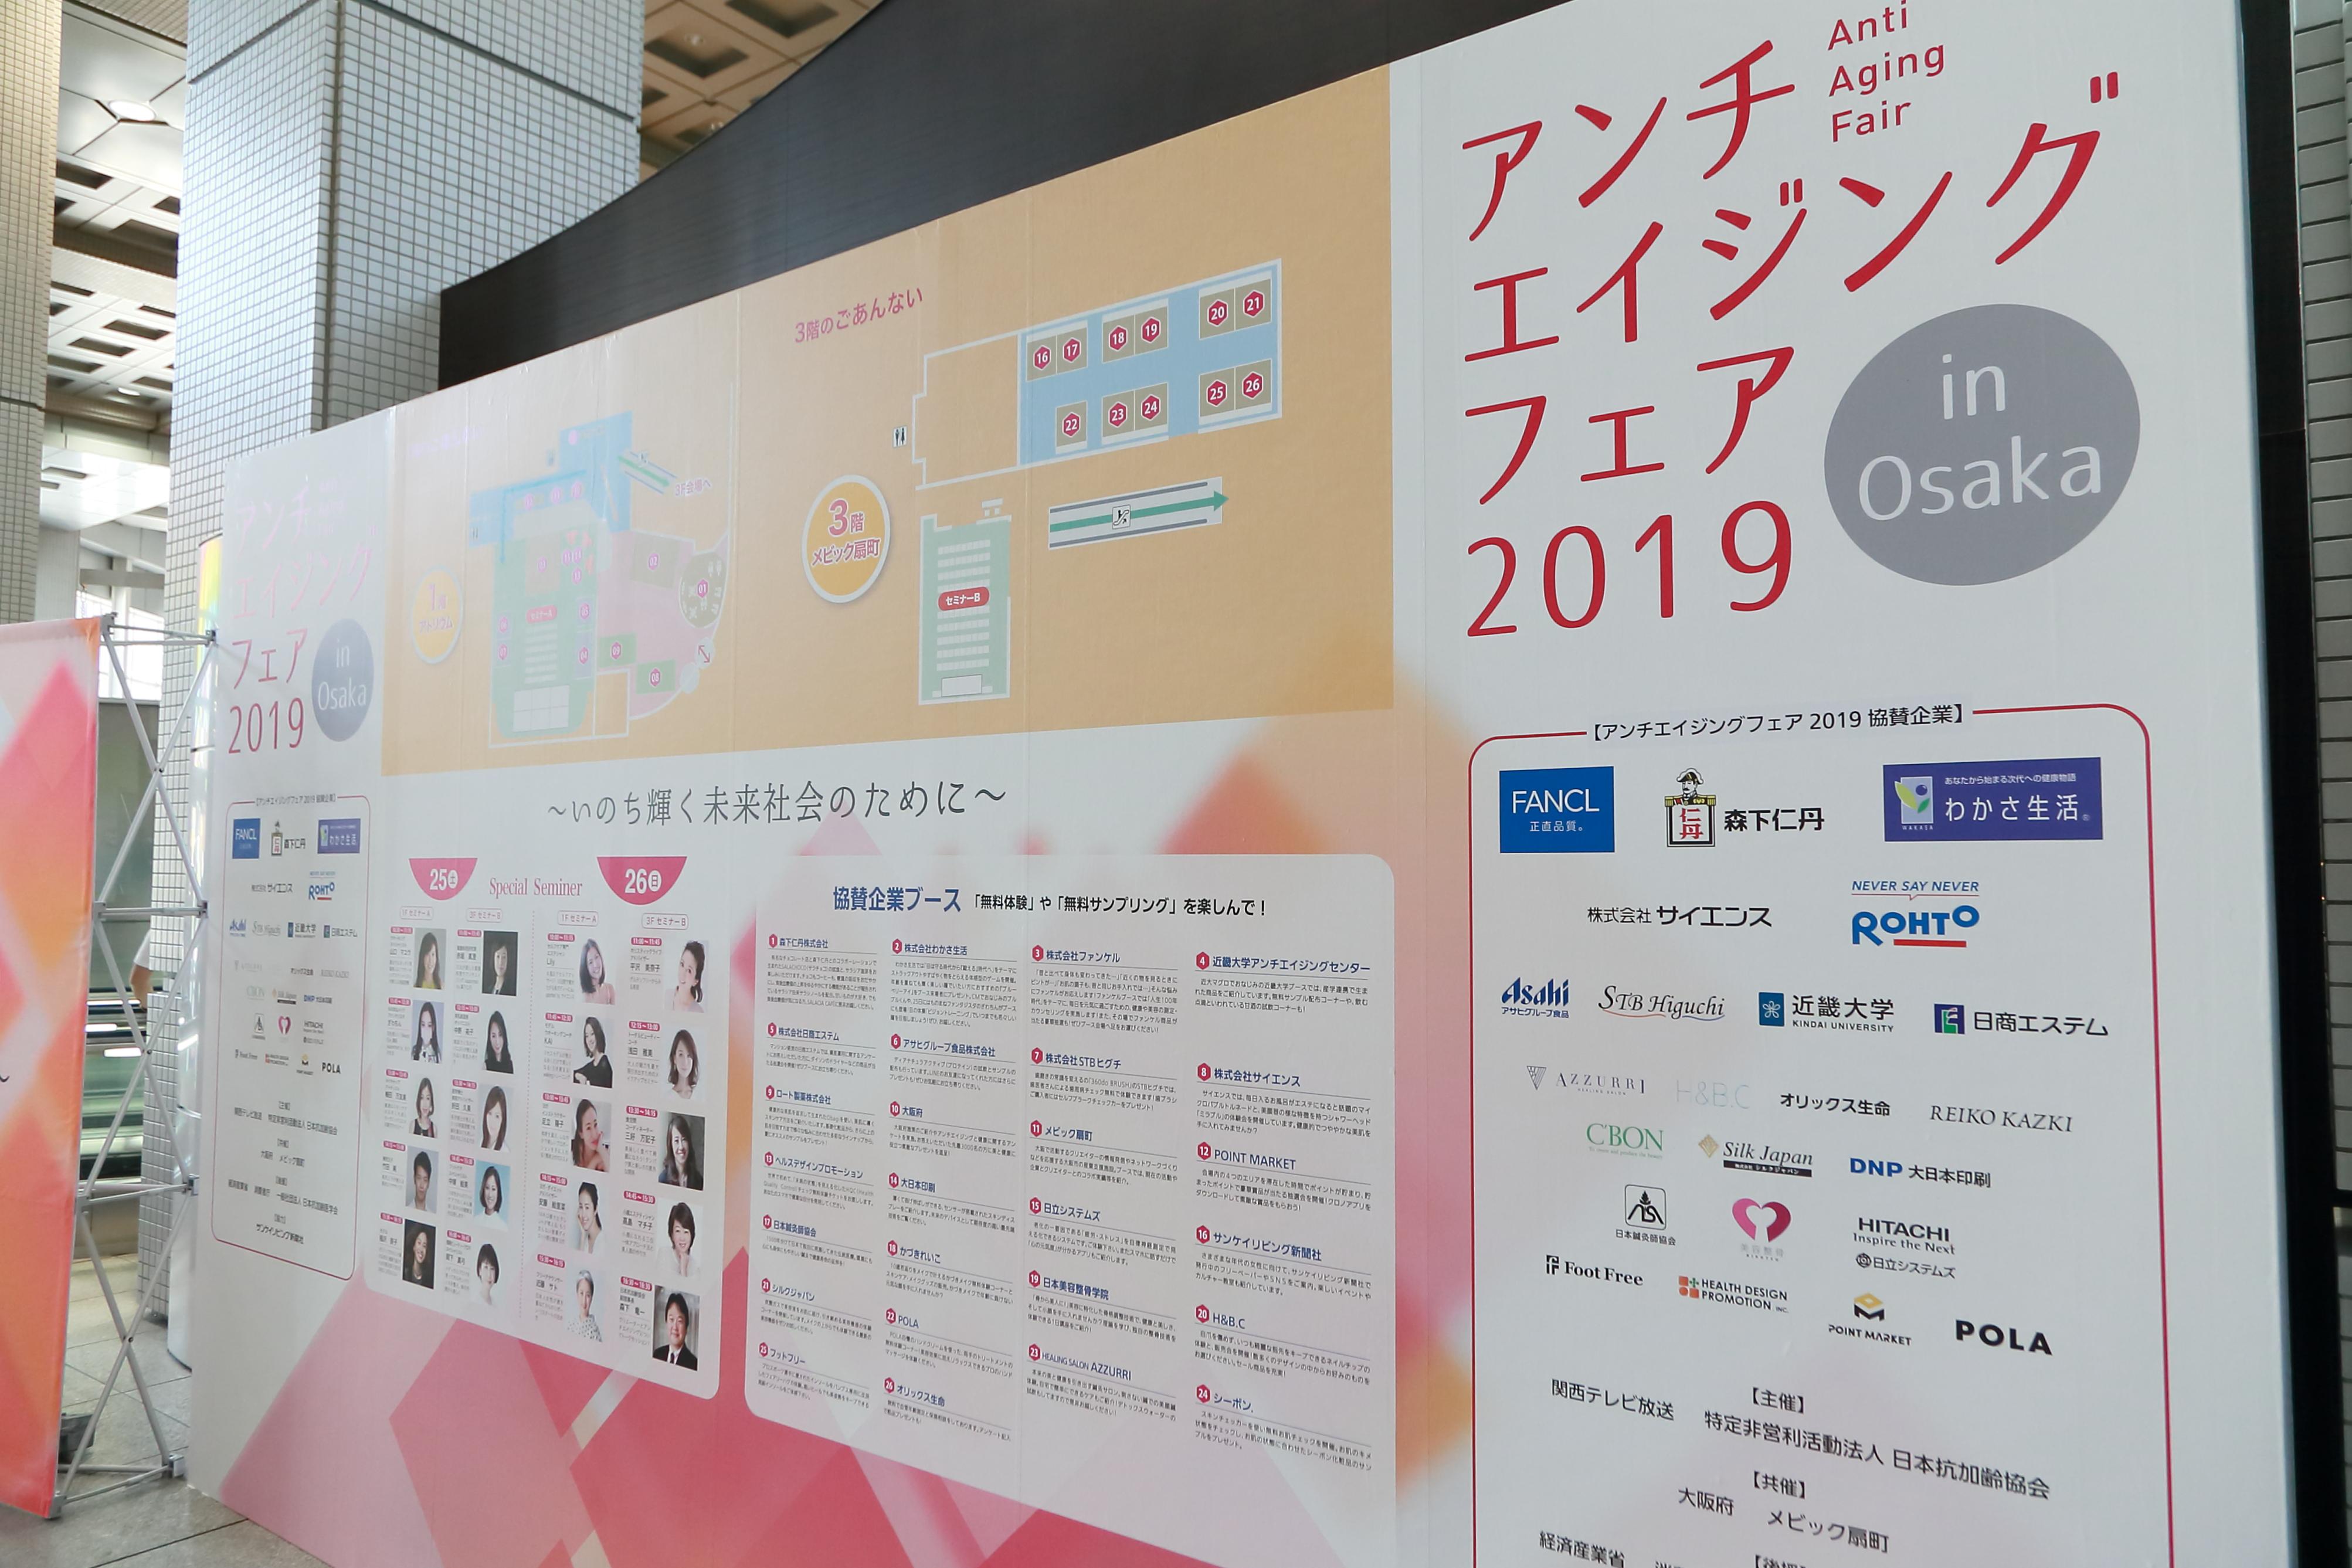 アンチエイジングフェア in Osaka 2019